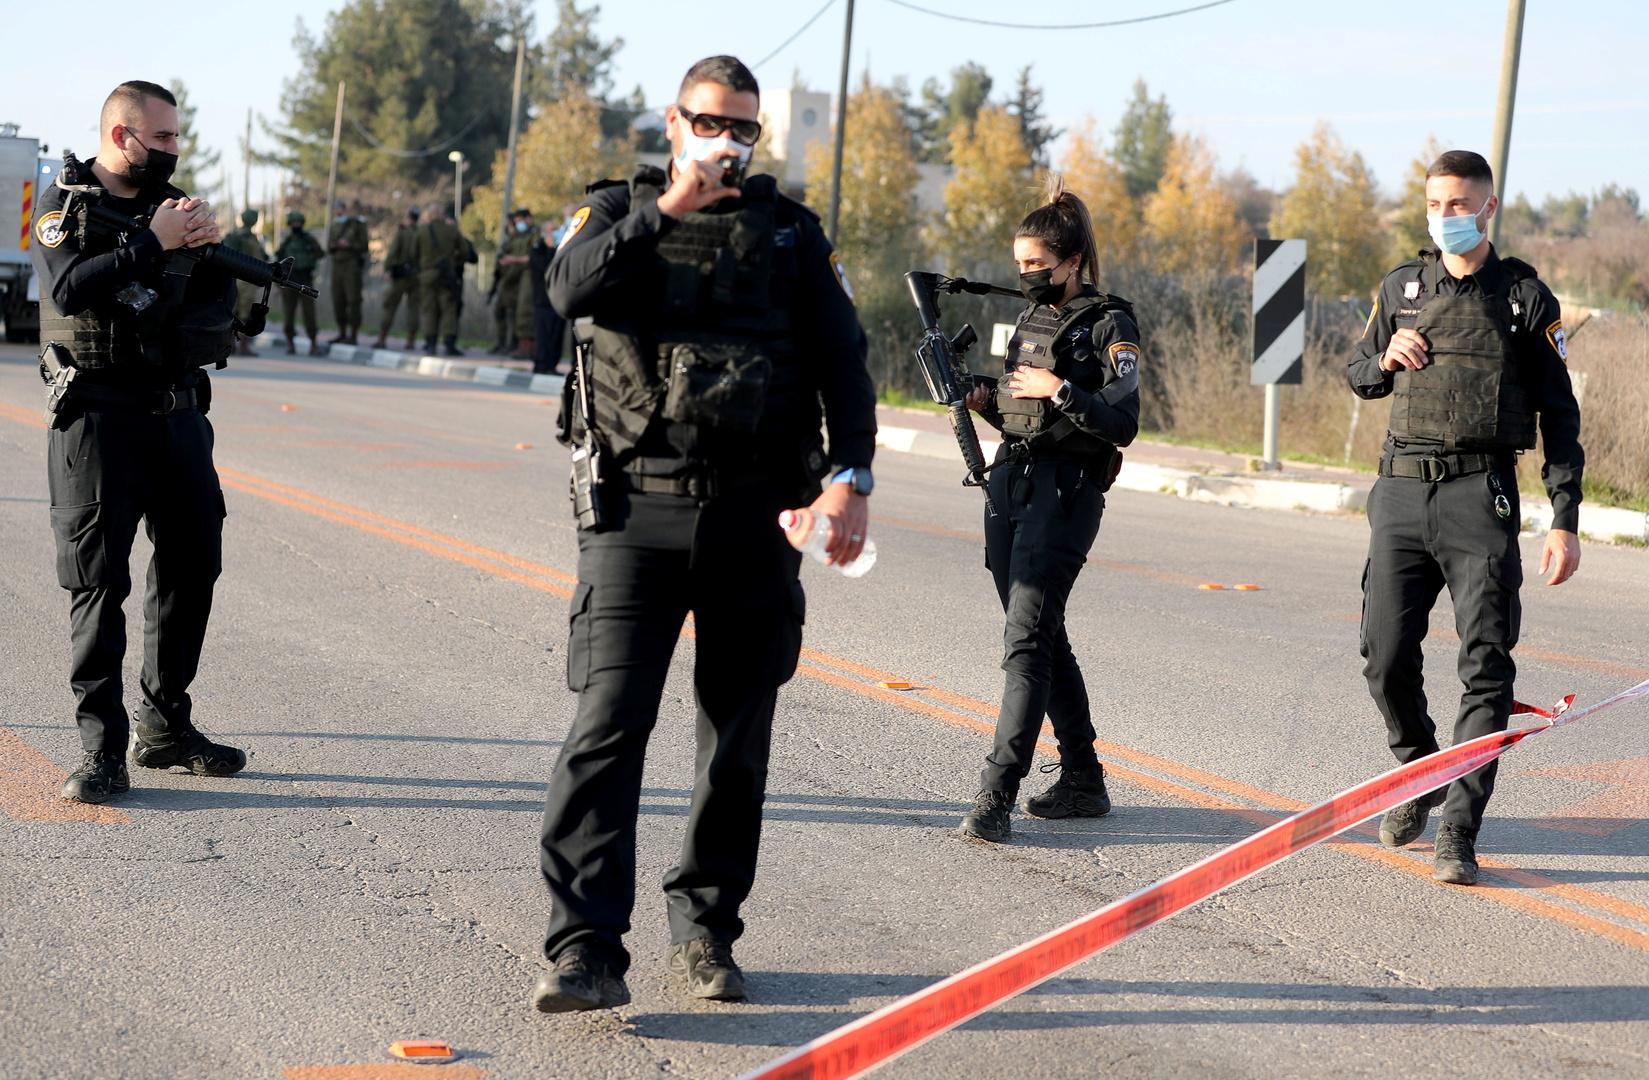 إعلام إسرائيلي: مسؤولون يحذرون من تصعيد في مناطق الضفة الغربية